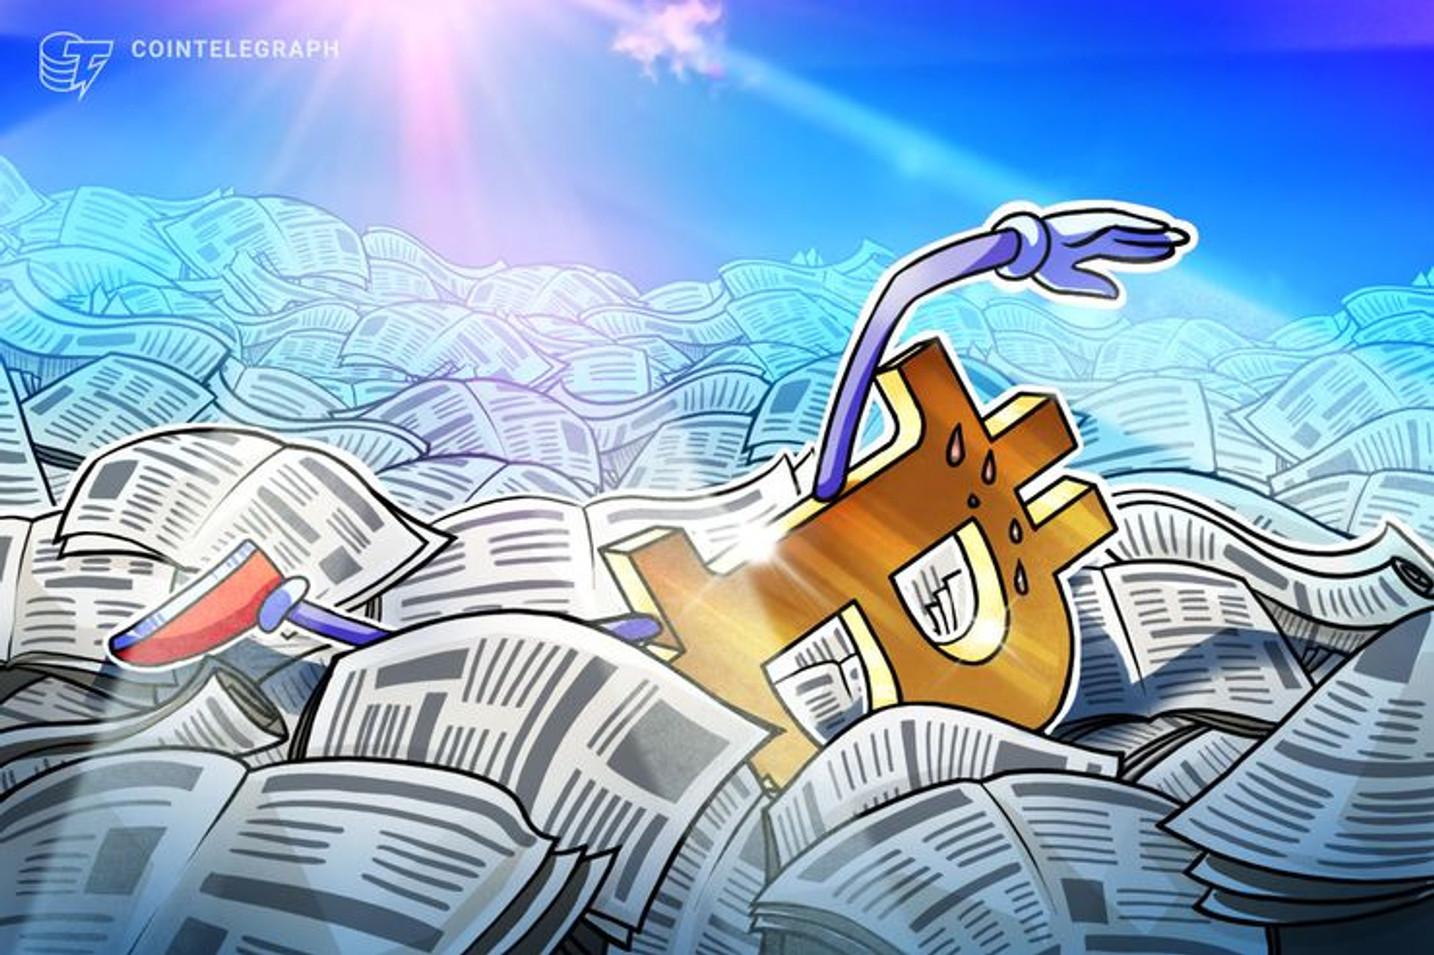 2020: Com novo salário minimo de Bolsonaro é possível comprar 0,036 Bitcoins